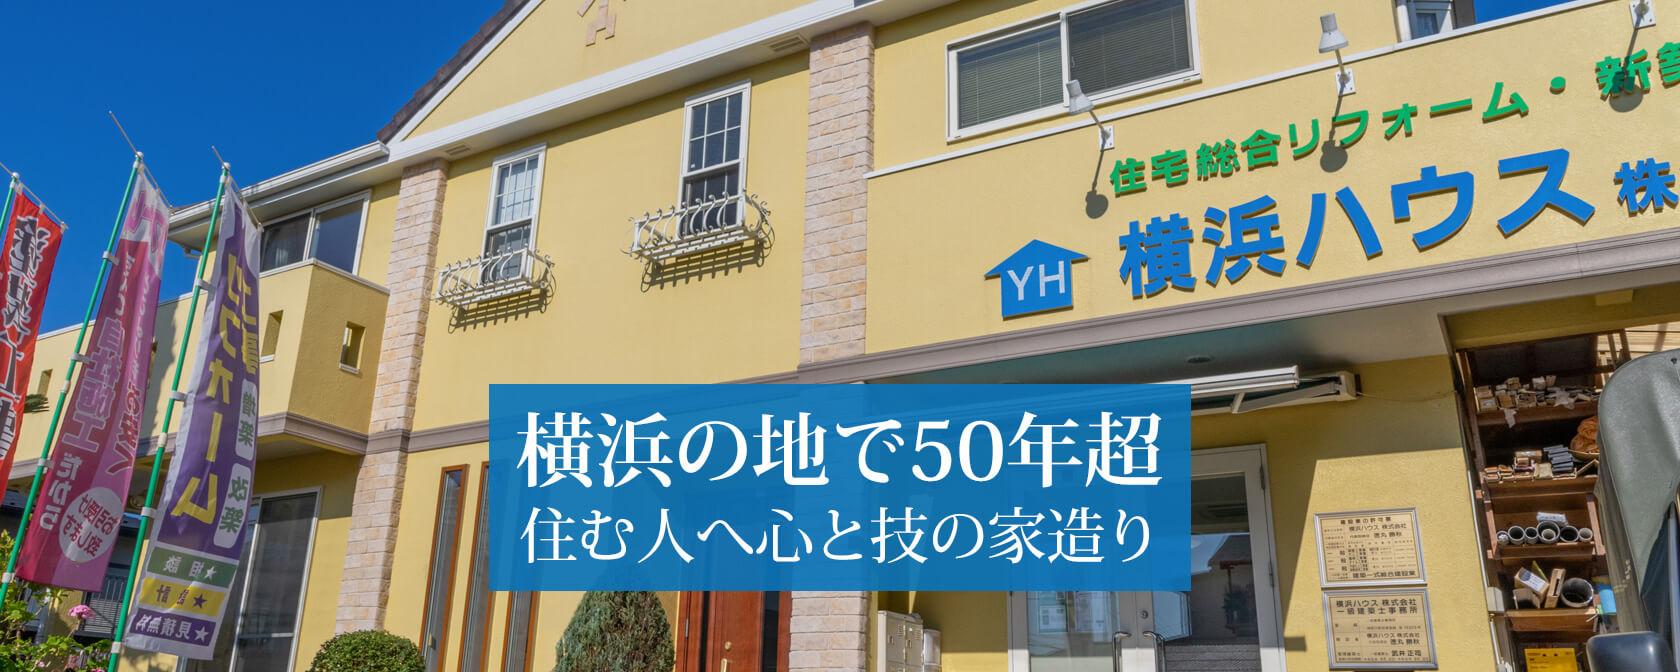 横浜の地で50年超 住む人へ 心と技の 家造り